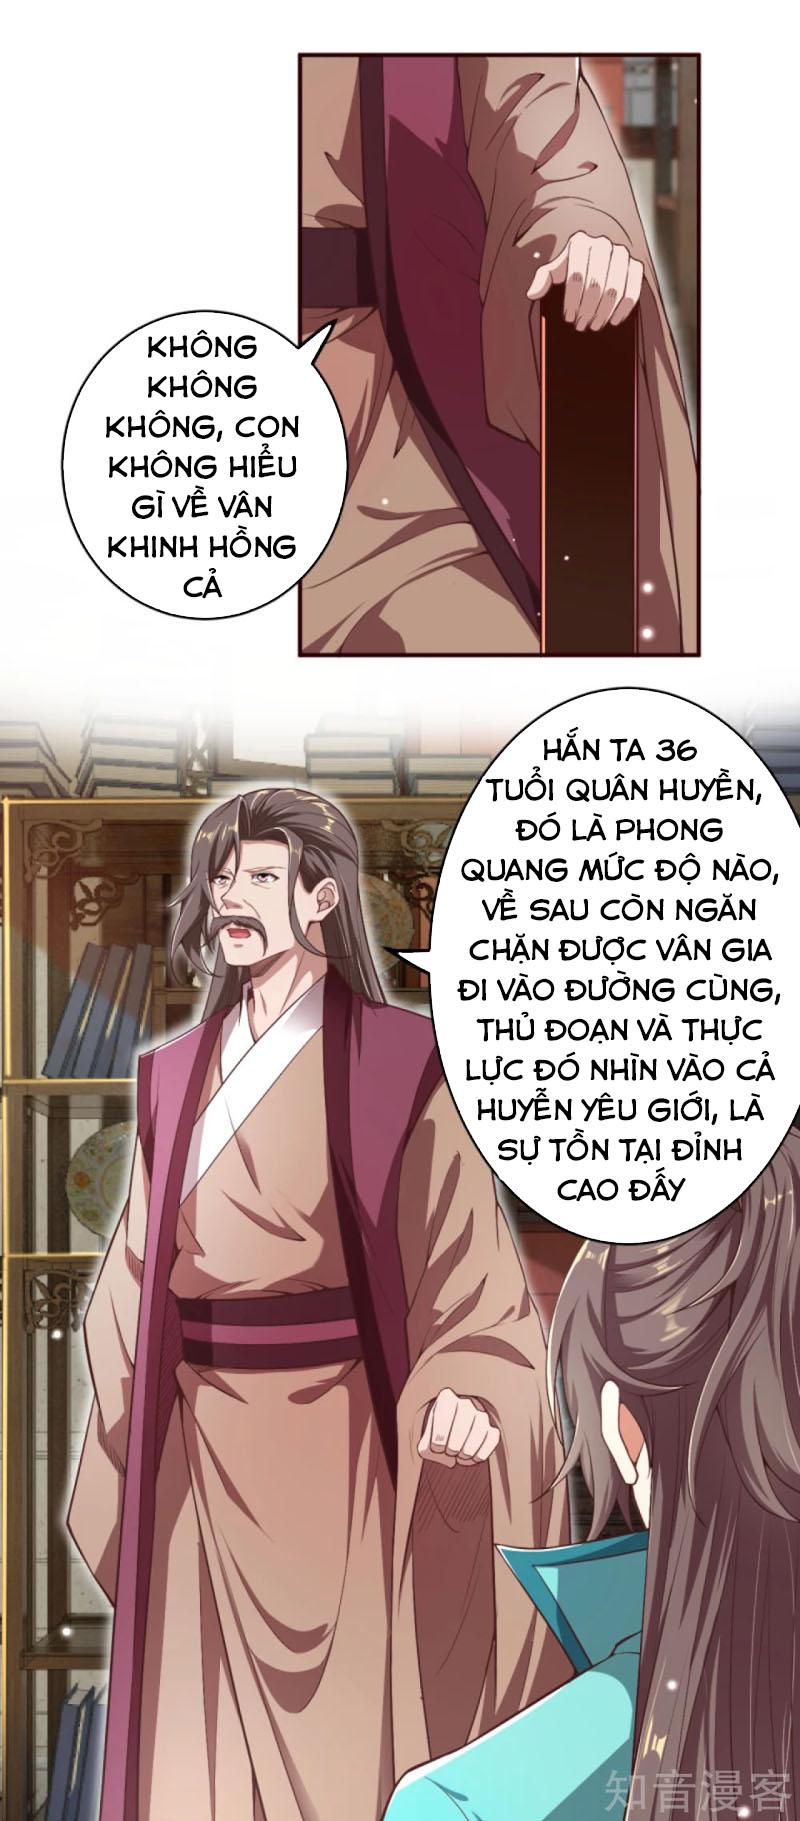 Nghịch Thiên Tà Thần Chương 328 - Truyentranhaz.net